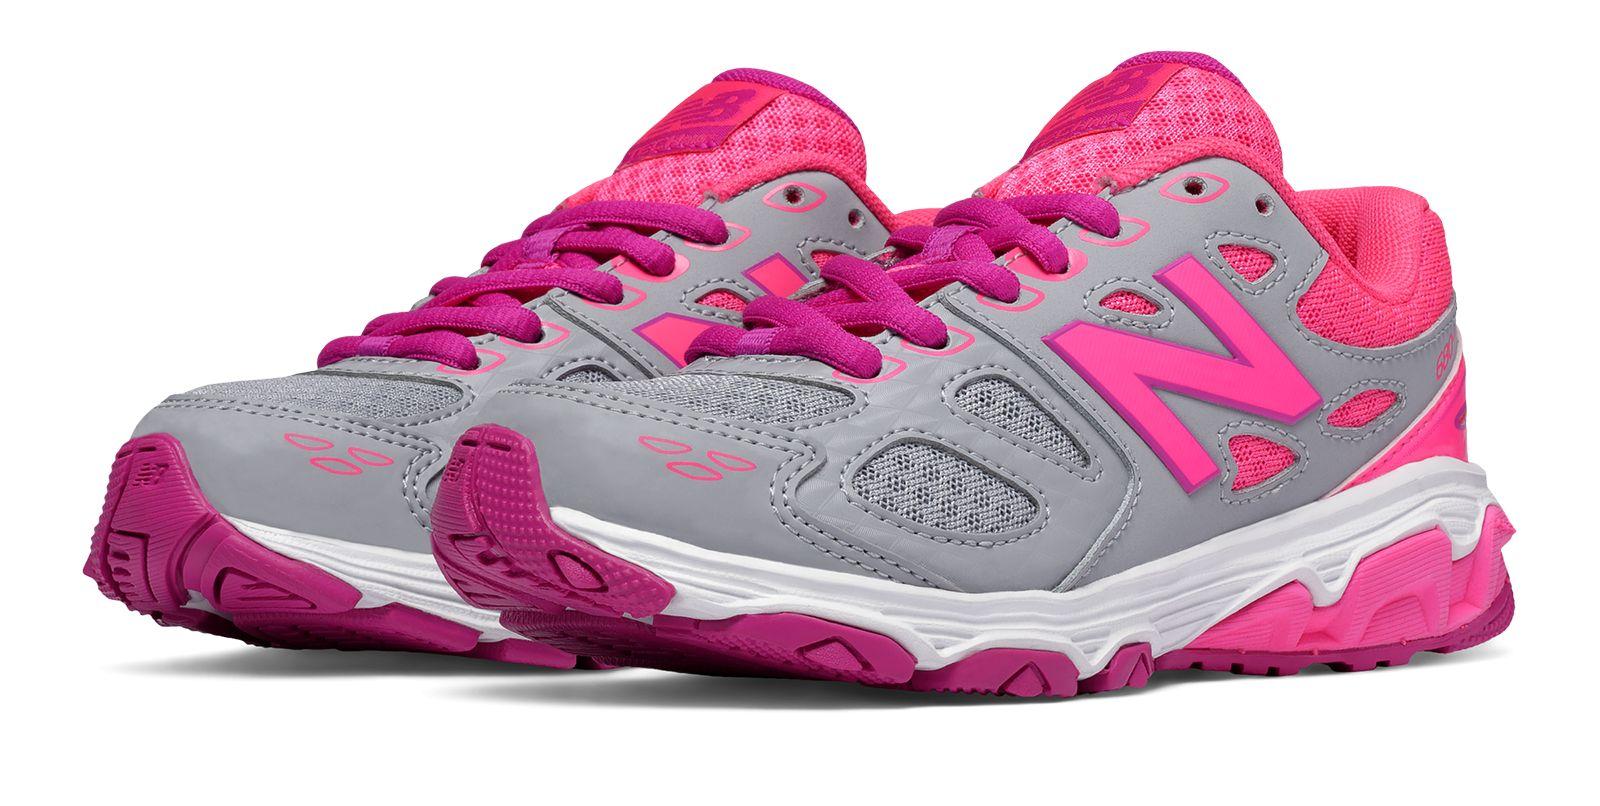 new balance 680v3 童款跑鞋